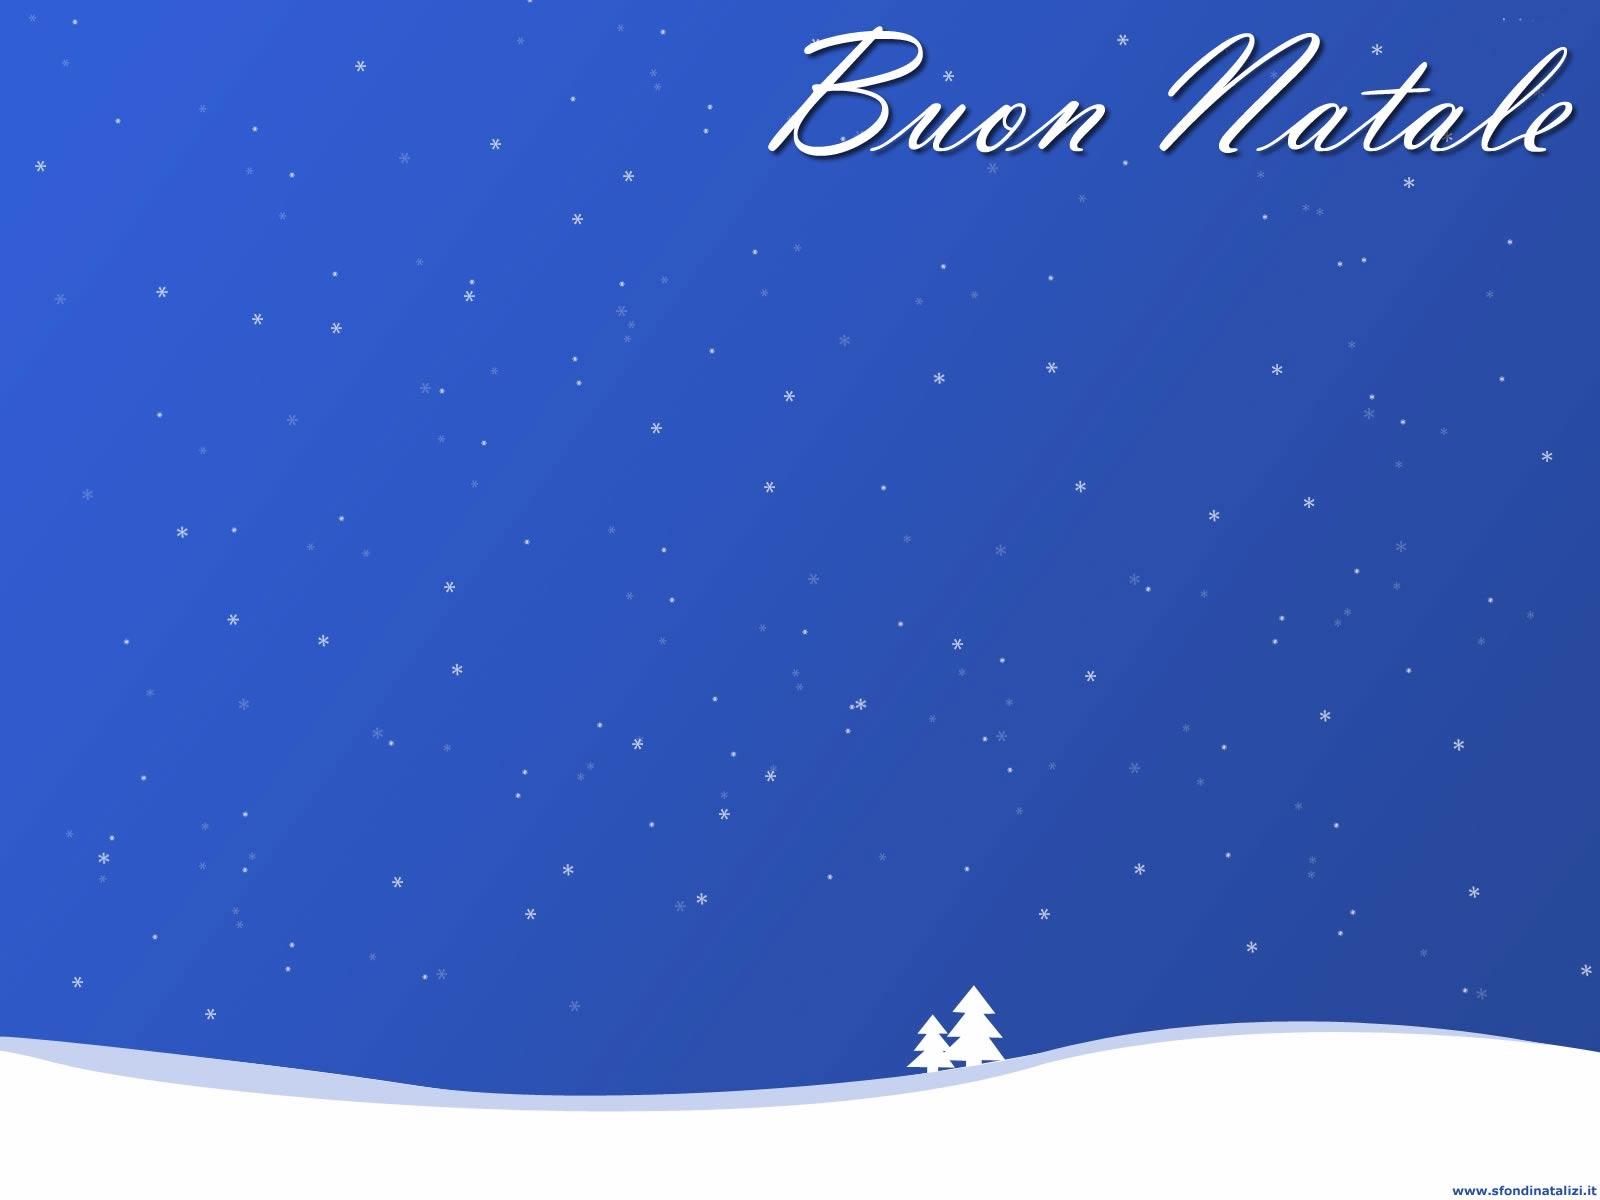 Sfondo natalizio sfondo buon natale for Immagini natale gratis